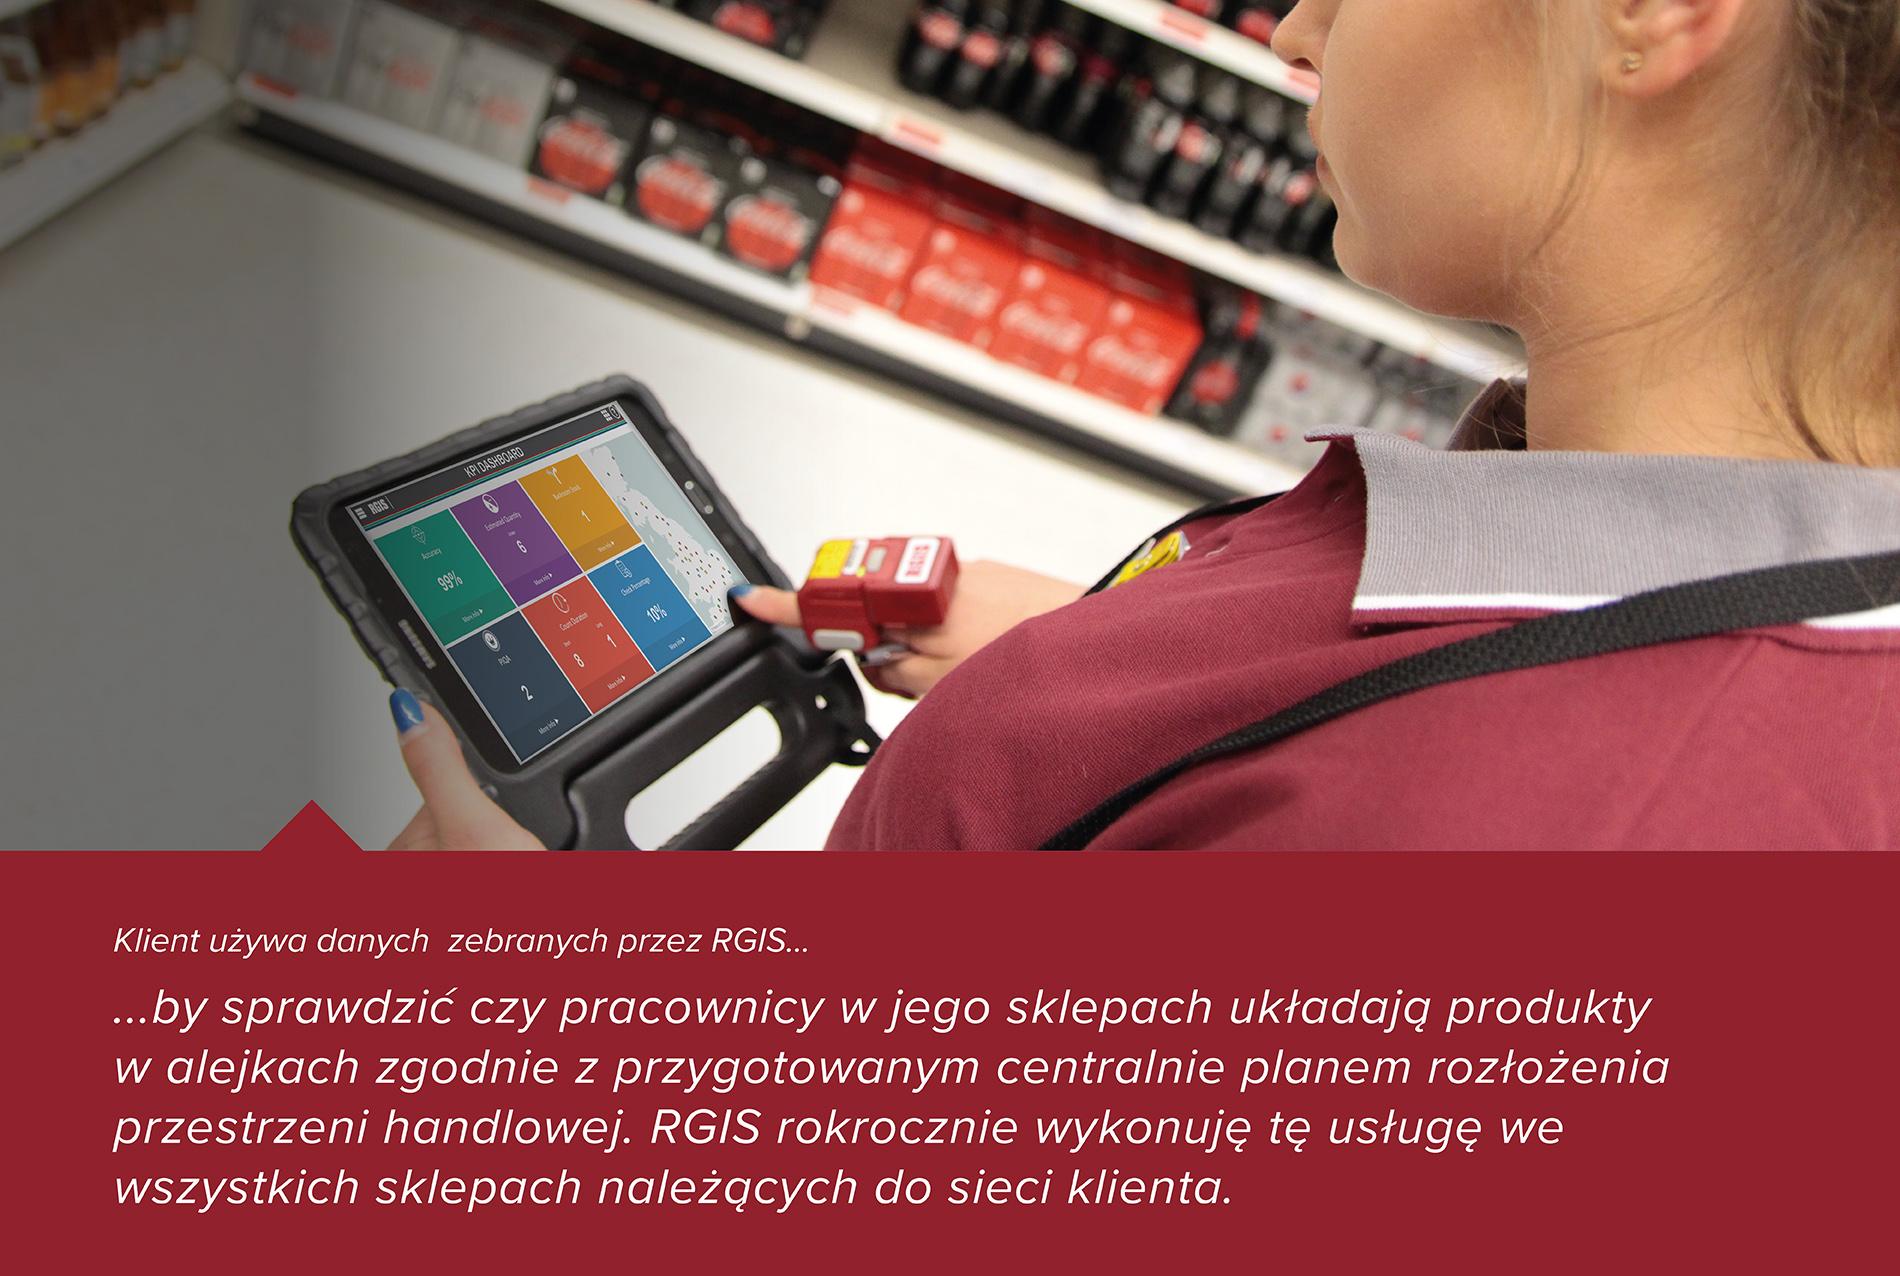 Studium przypadku RGIS dotyczące produktów w określonych polach